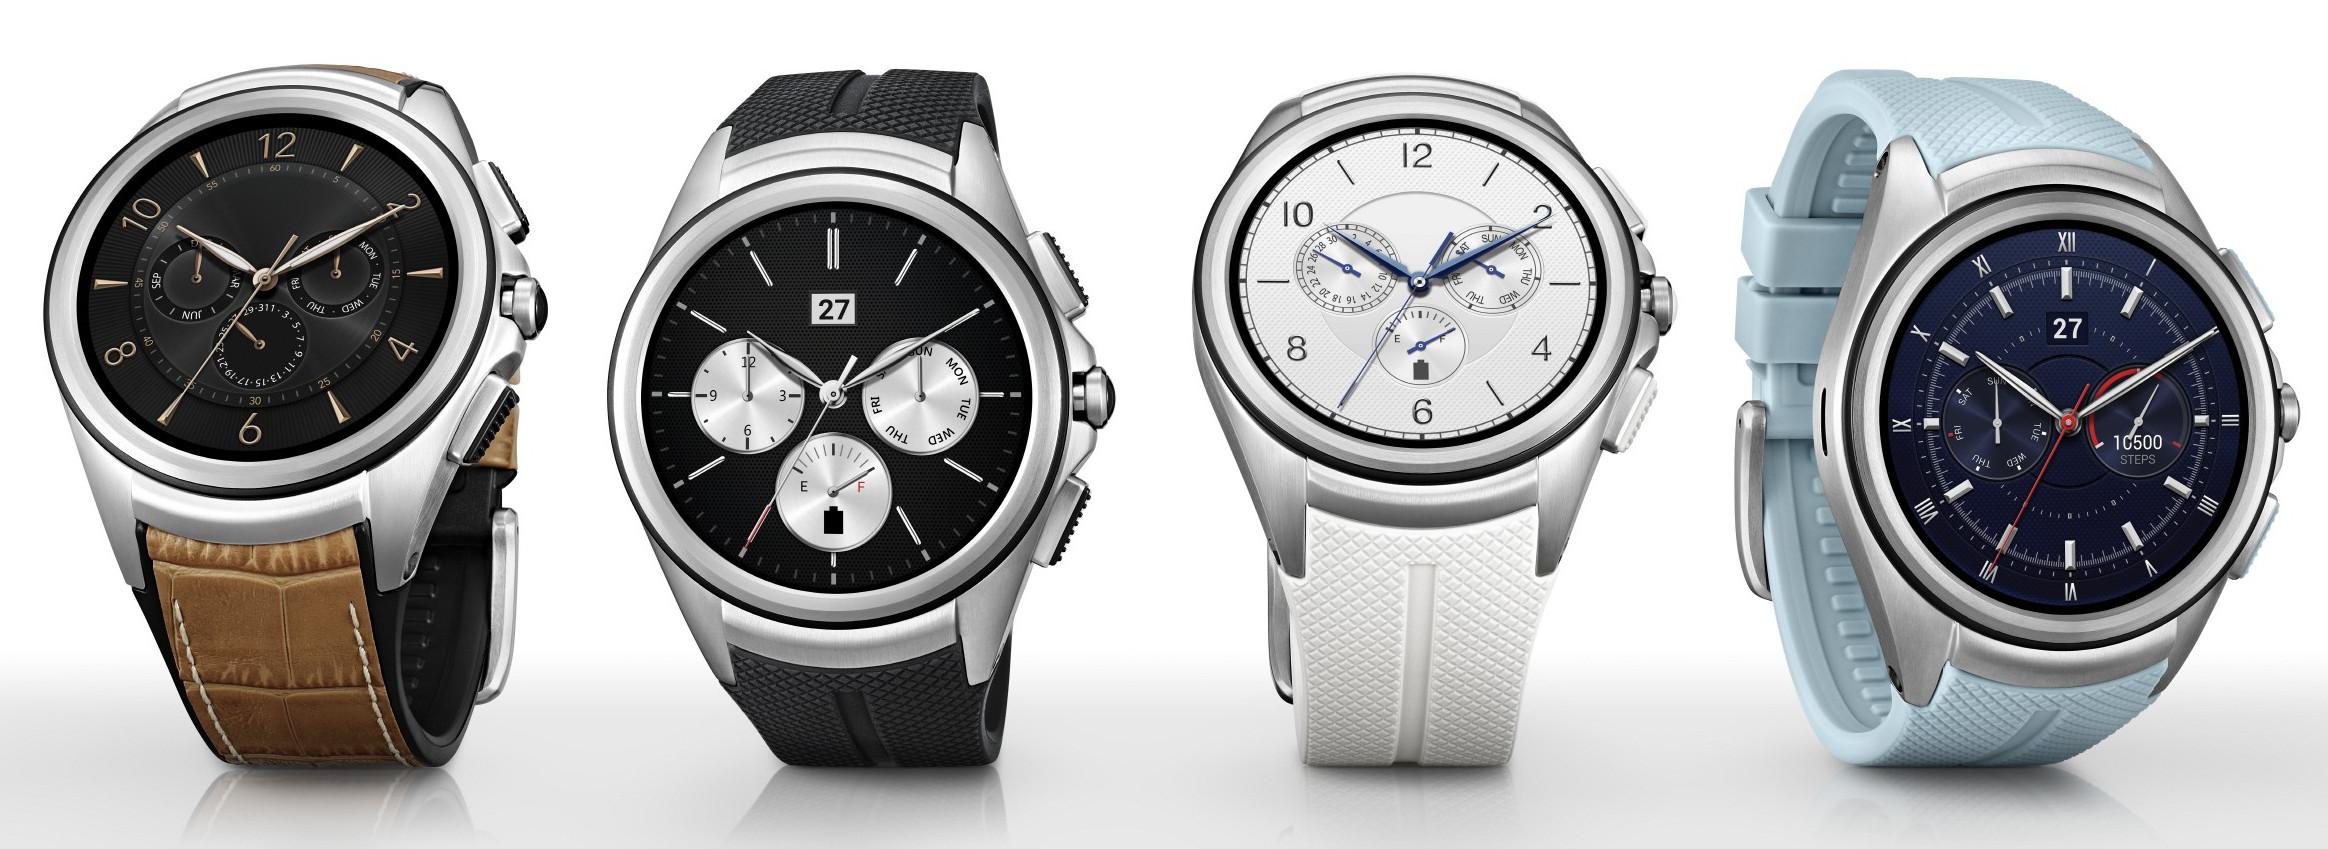 Смарт-часы LG Watch Urbane 2nd Edition умеют звонить